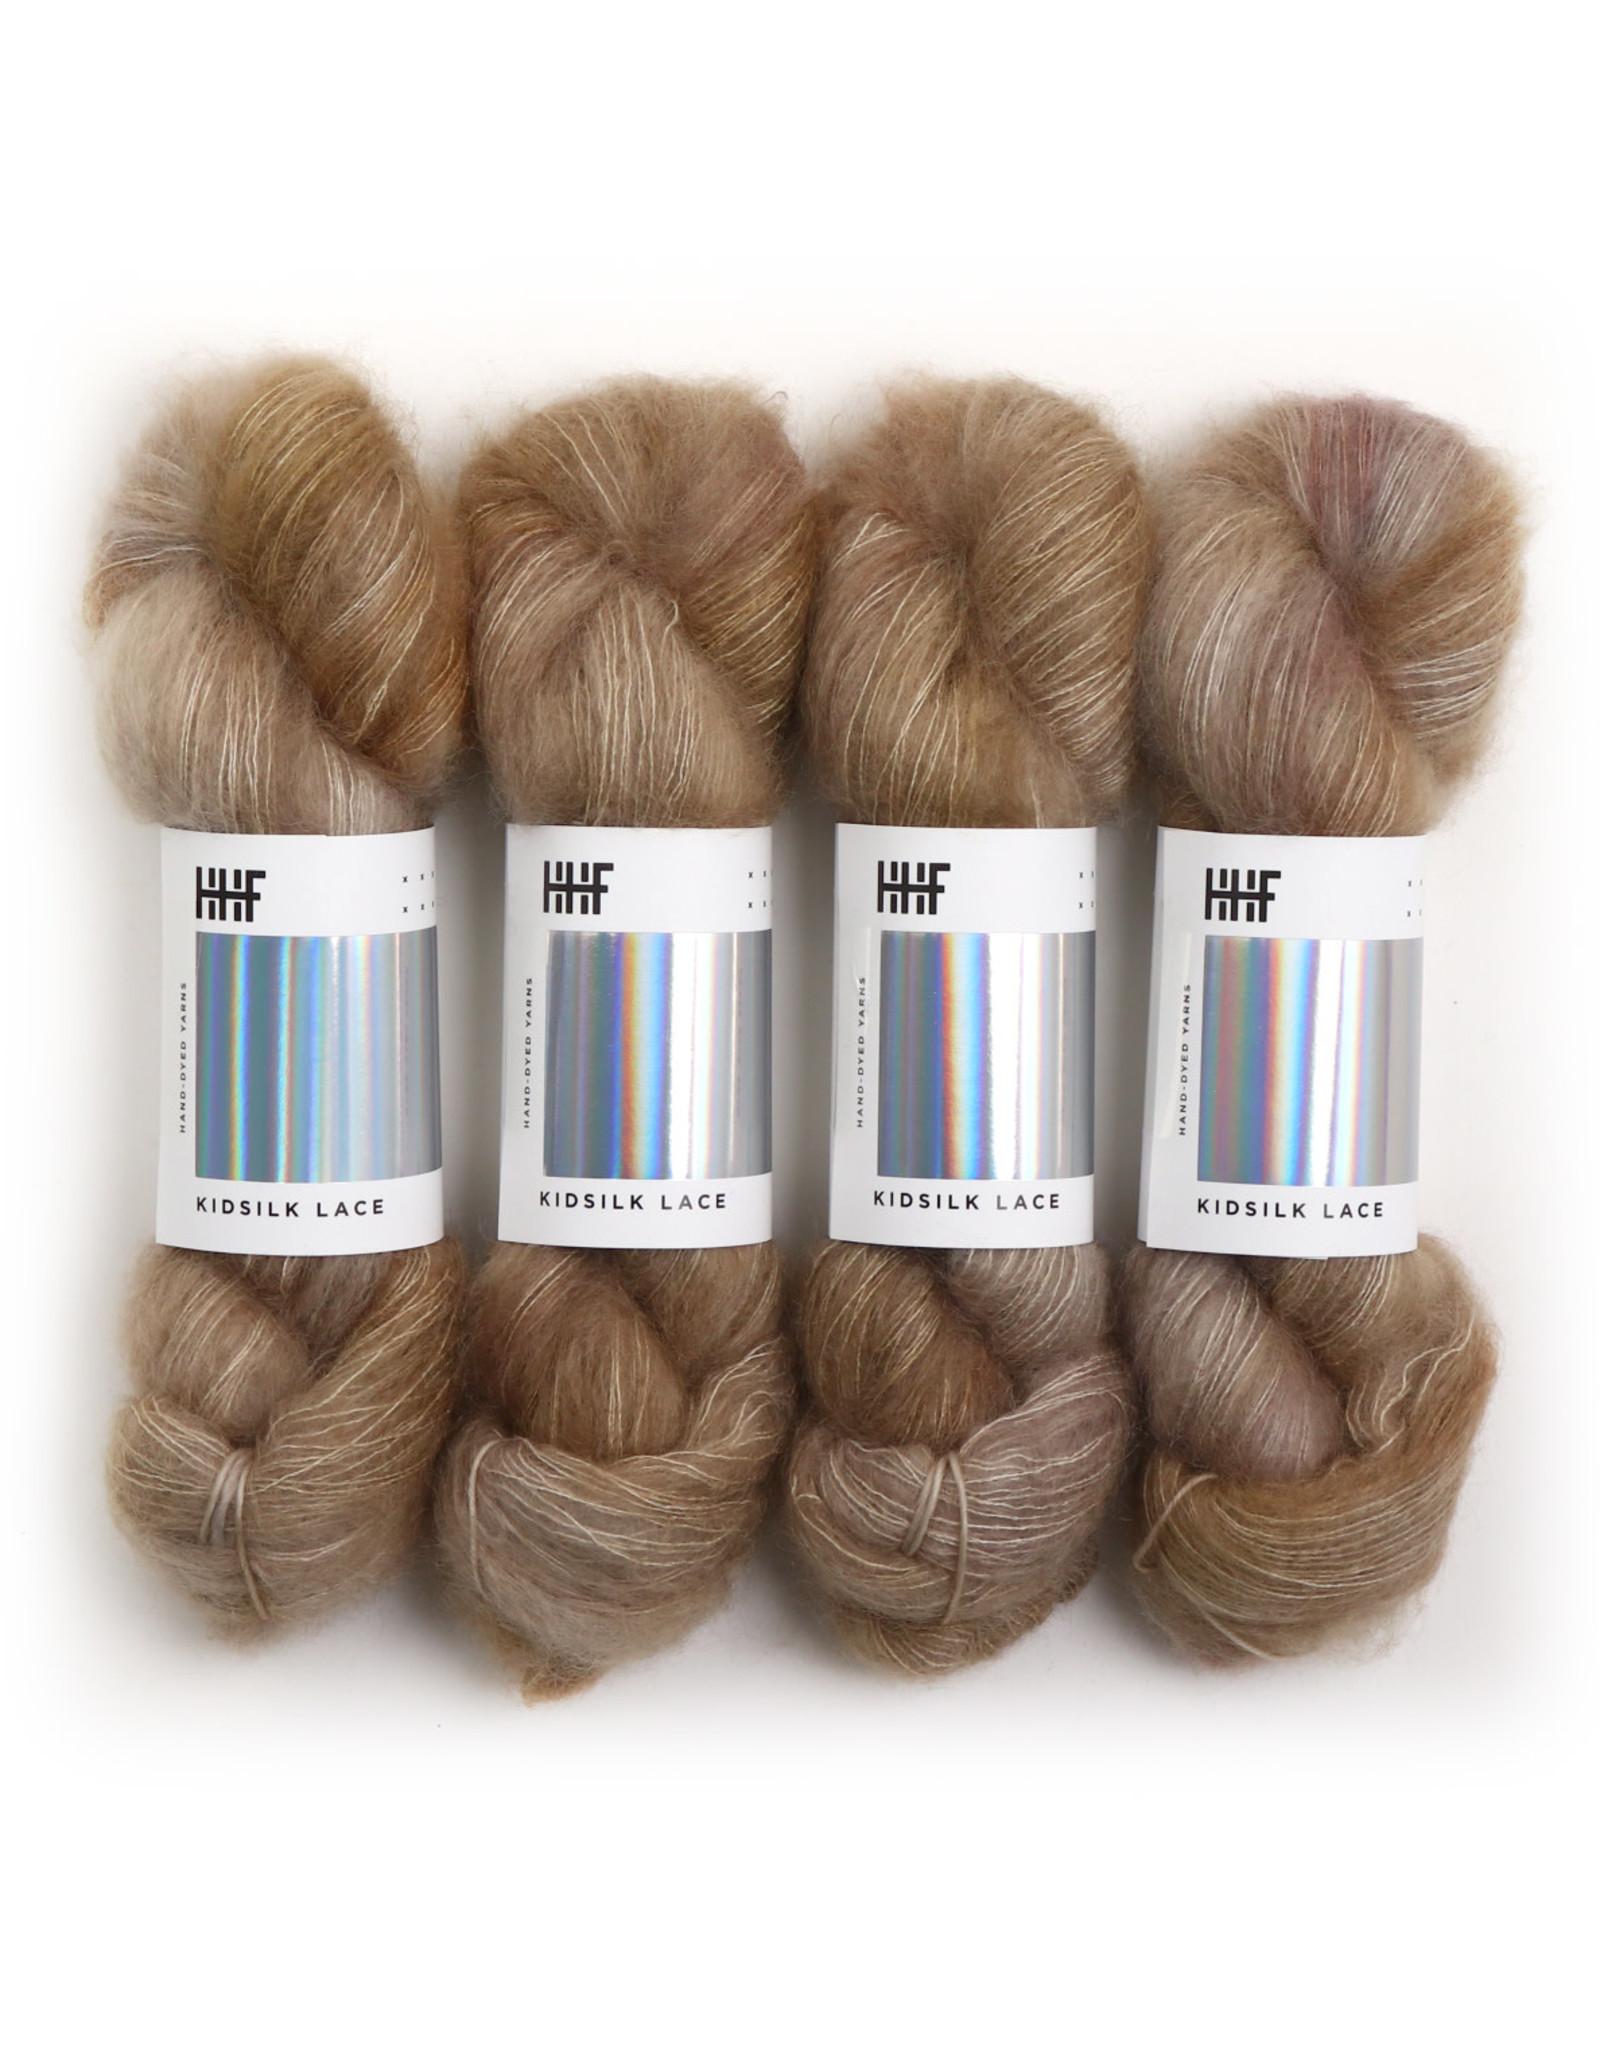 Hedgehog Fibres Stone - Kidsilk Lace - Hedgehog